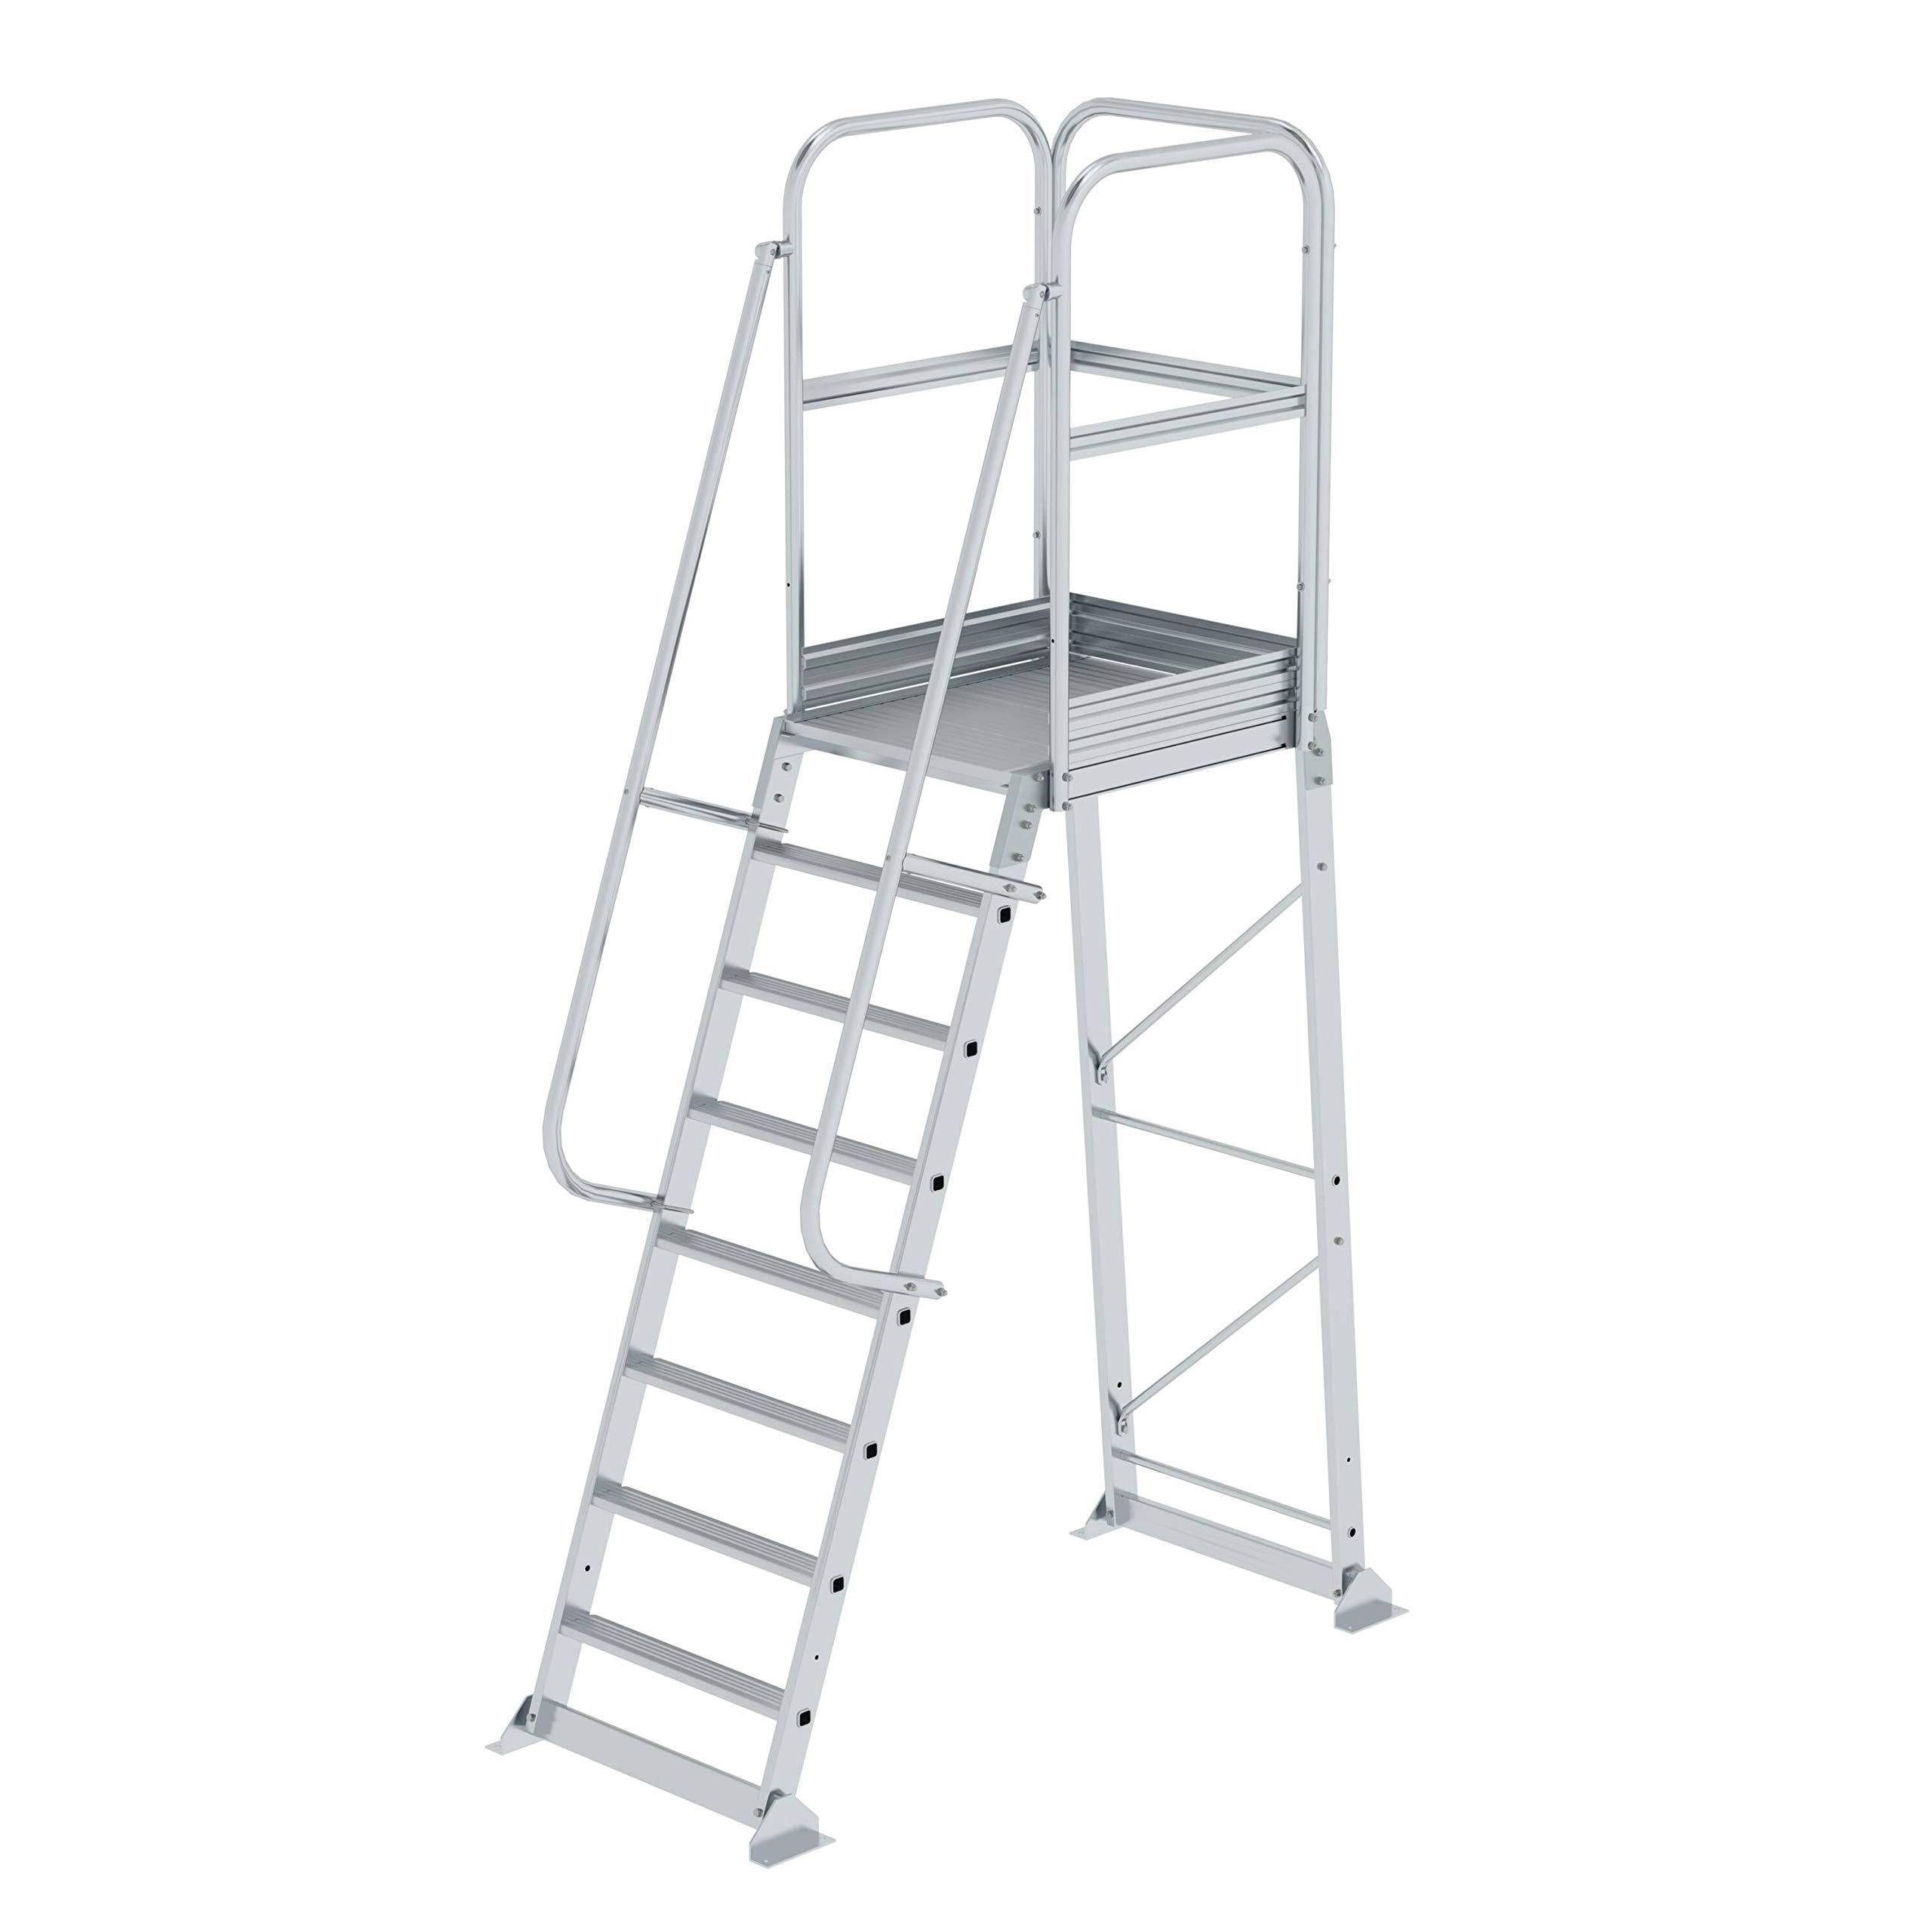 GÜNZBURGER STEIGTECHNIK Escalera de aluminio con plataforma estacionaria de 8 peldaños: Amazon.es: Bricolaje y herramientas